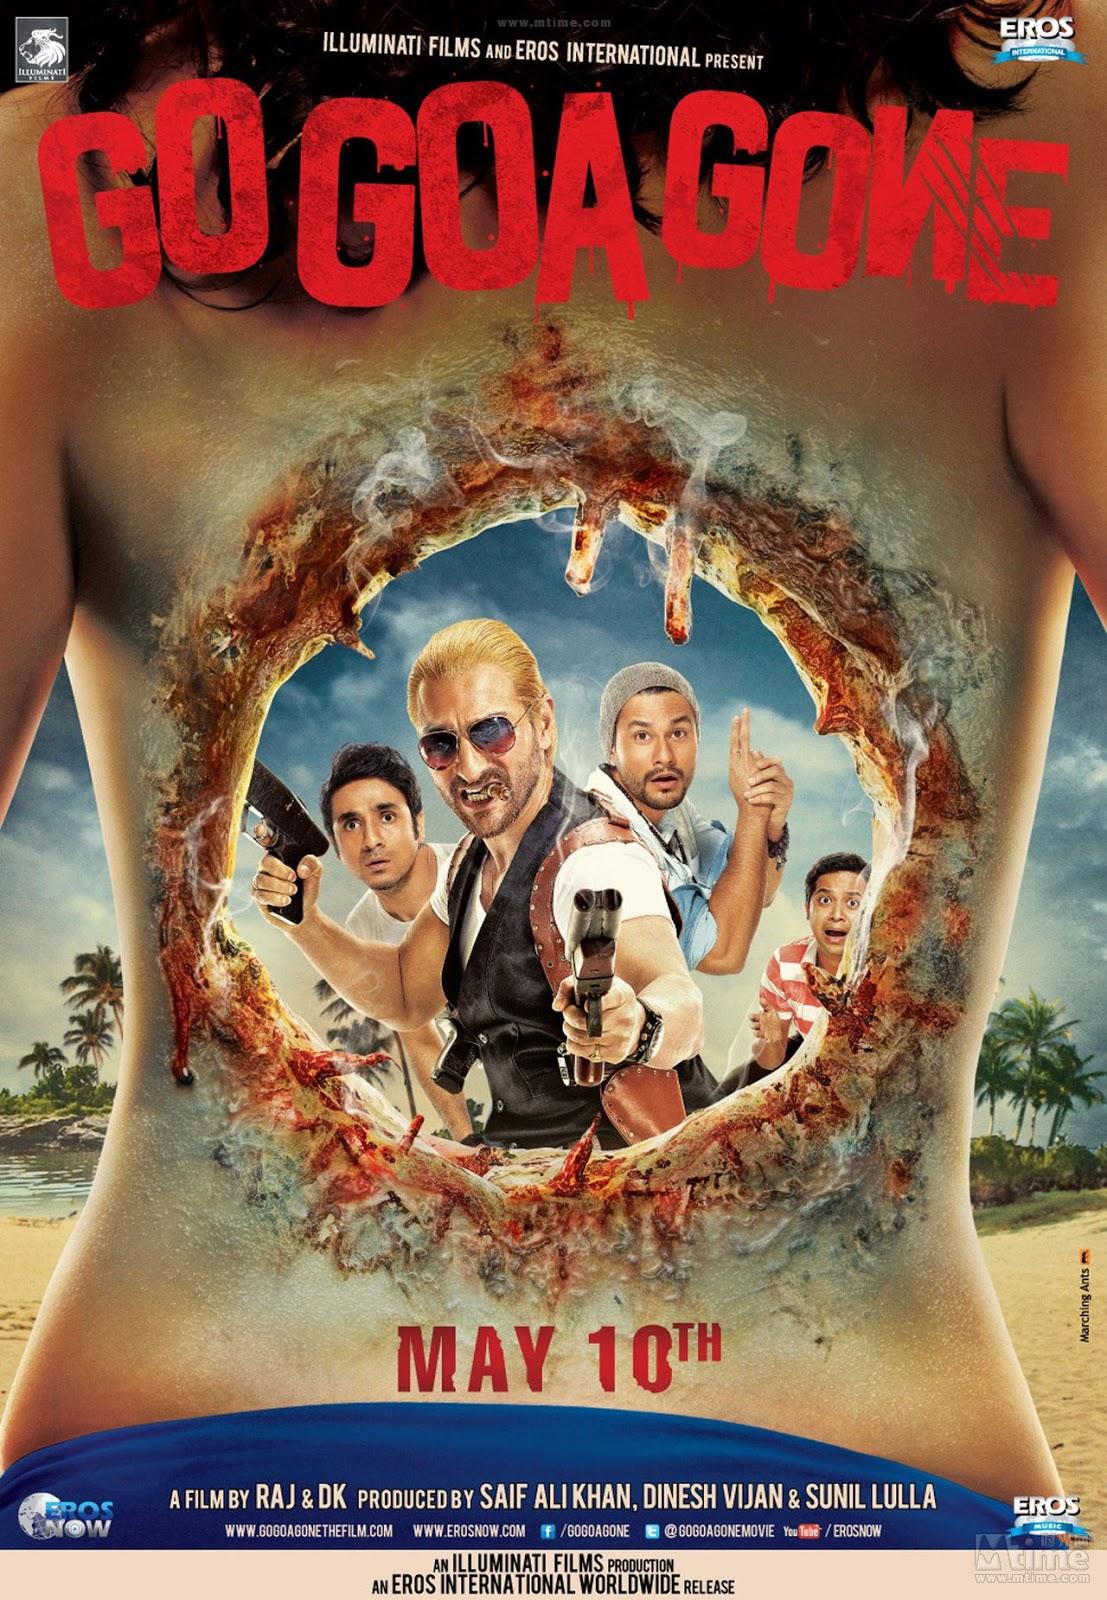 go-goa-gone-poster.jpg